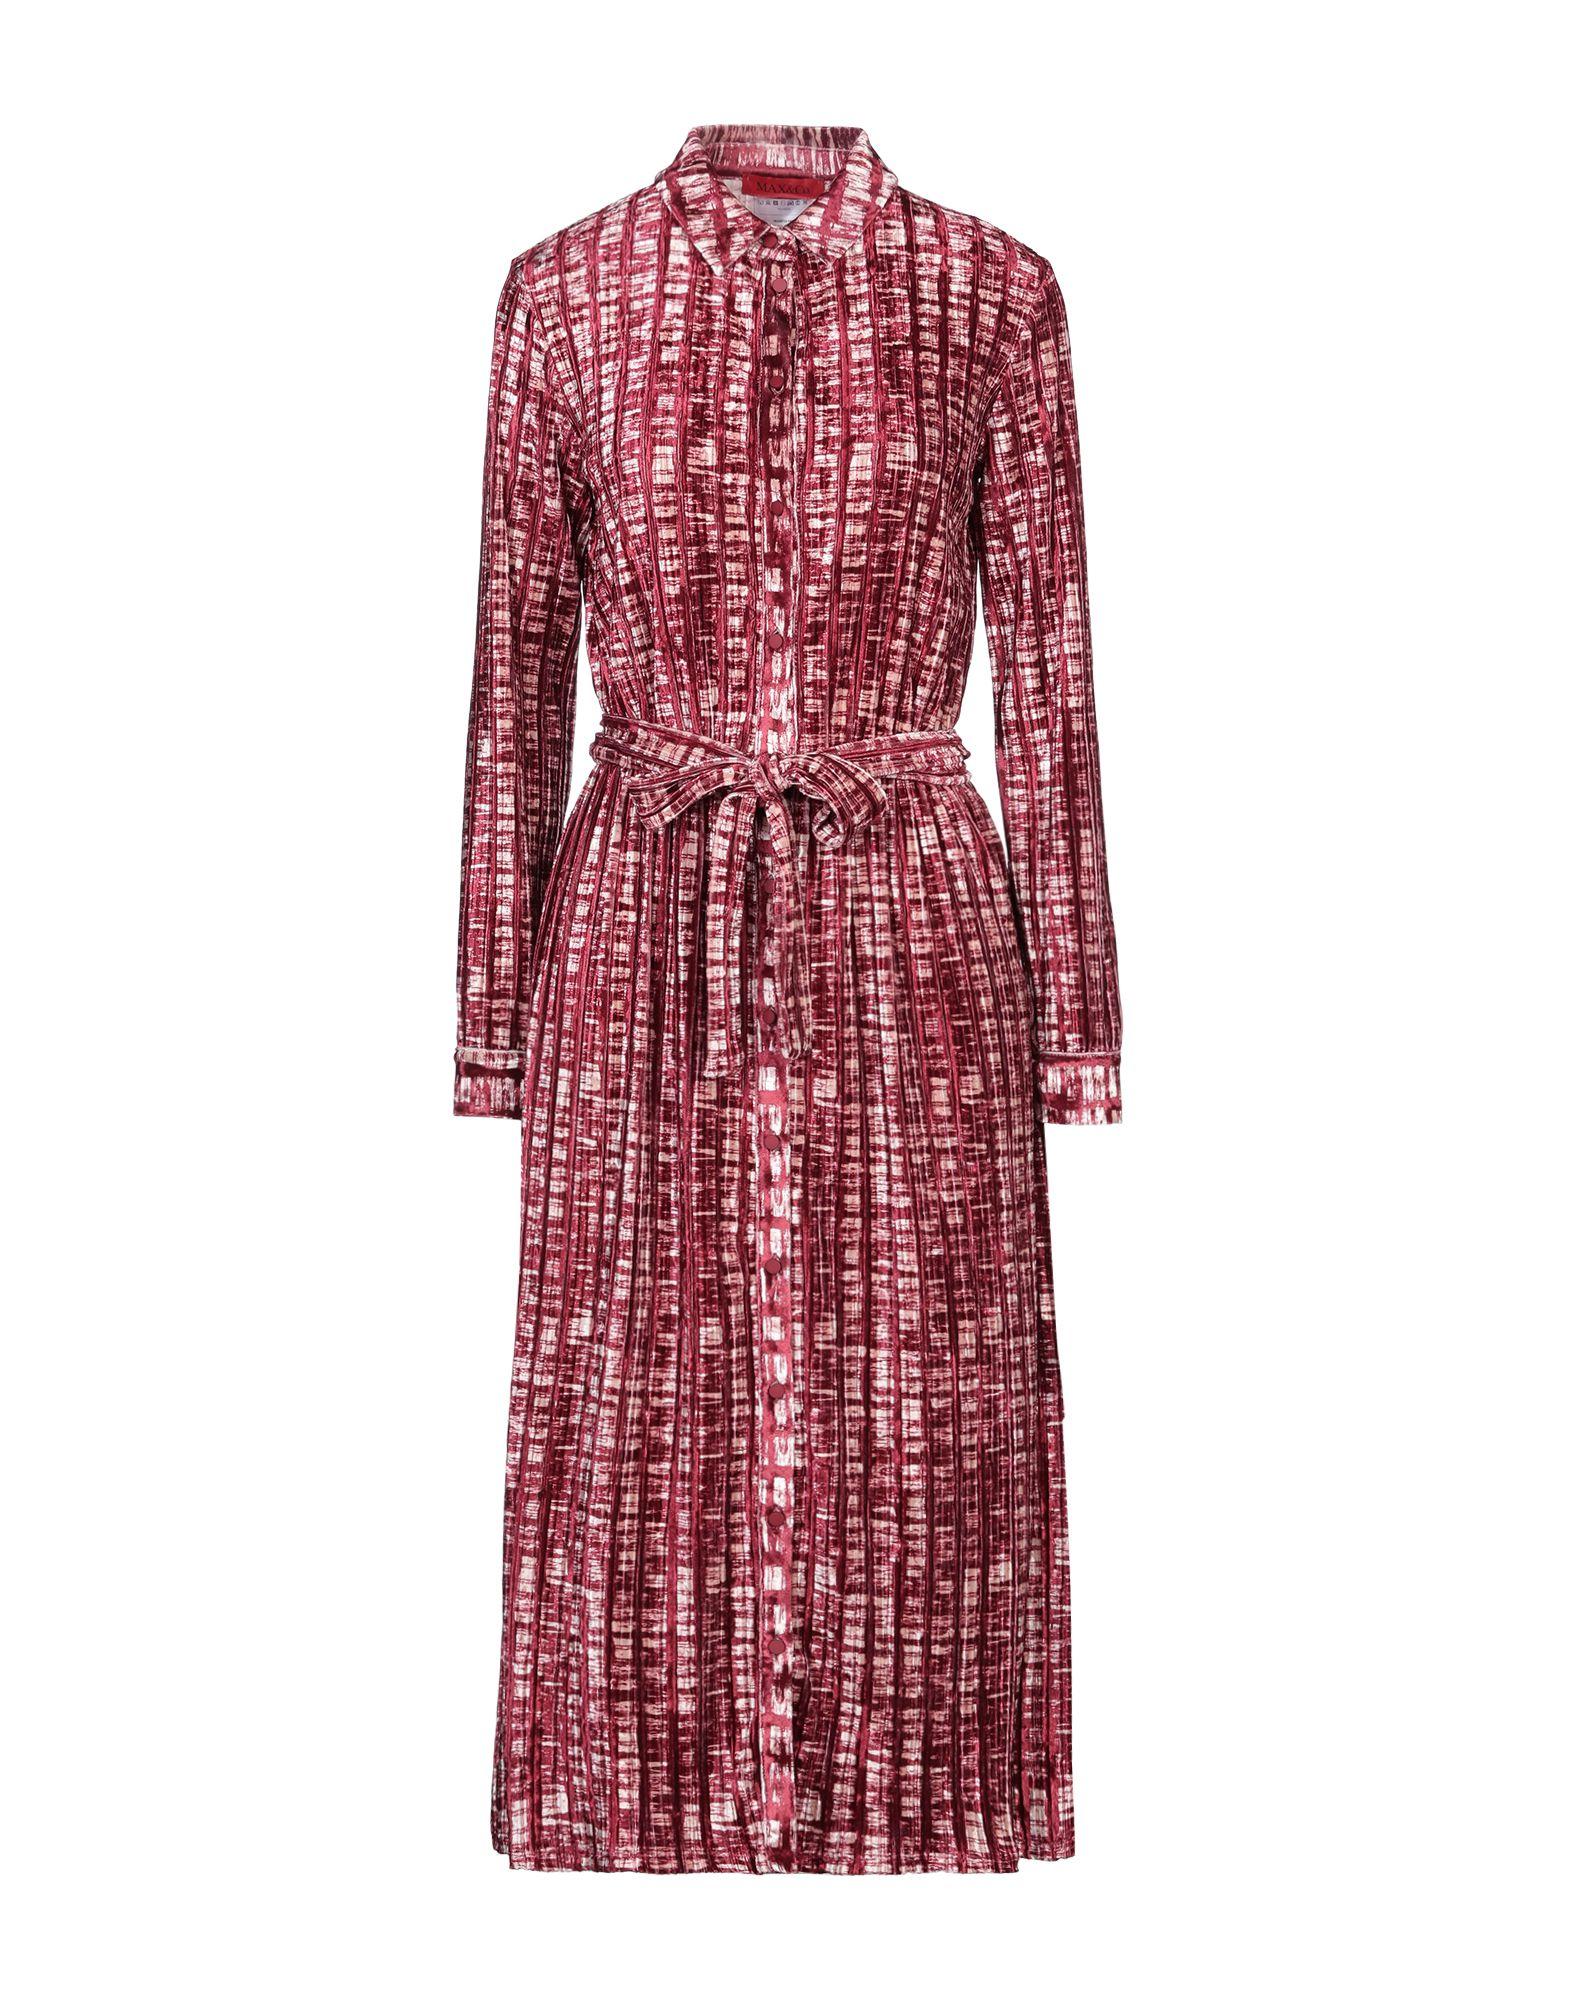 MAX & CO. Платье длиной 3/4